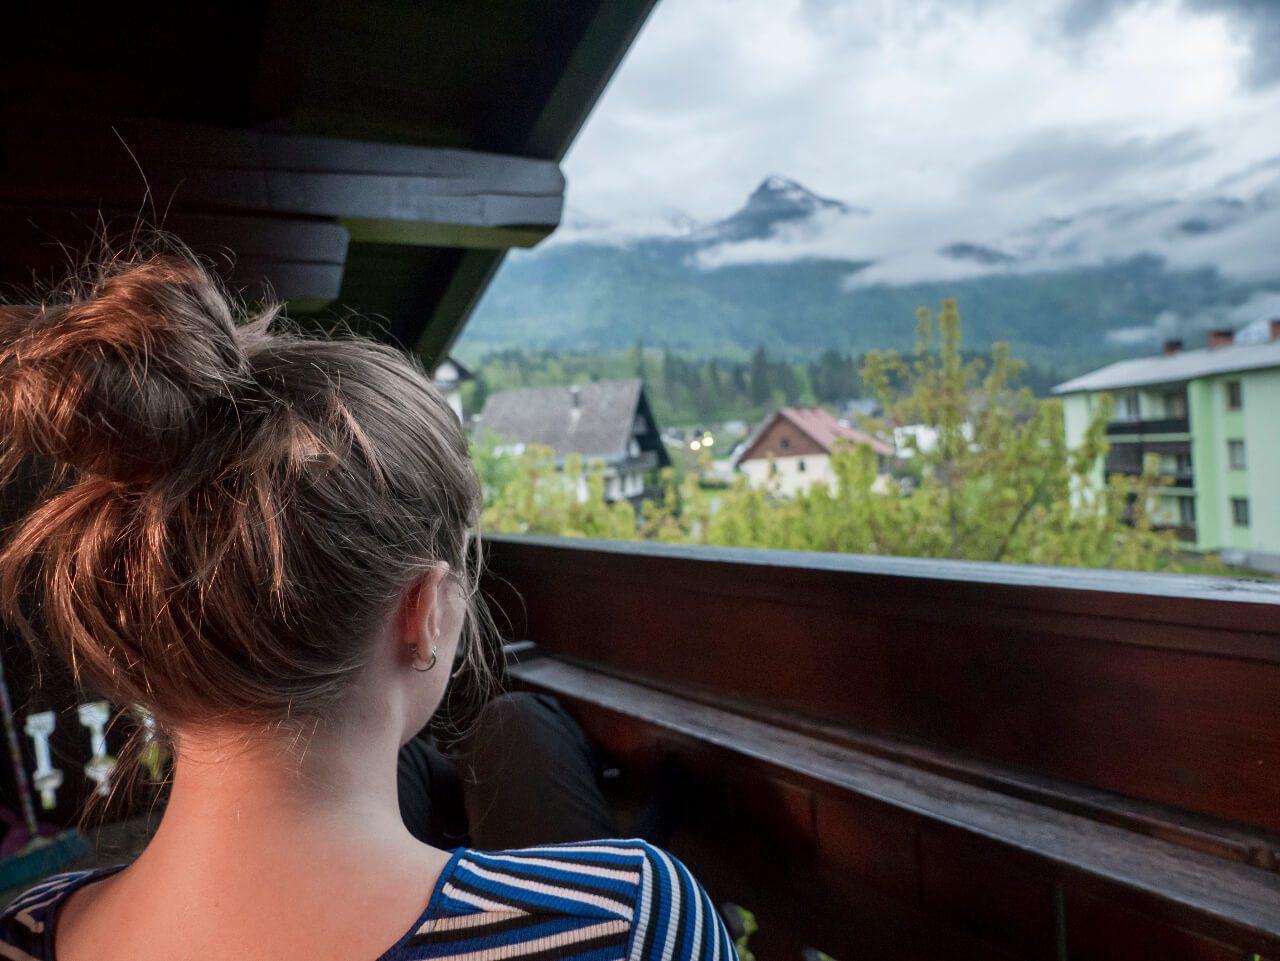 Natalia na balkonie hotelu w Bohinjskiej Bistricy